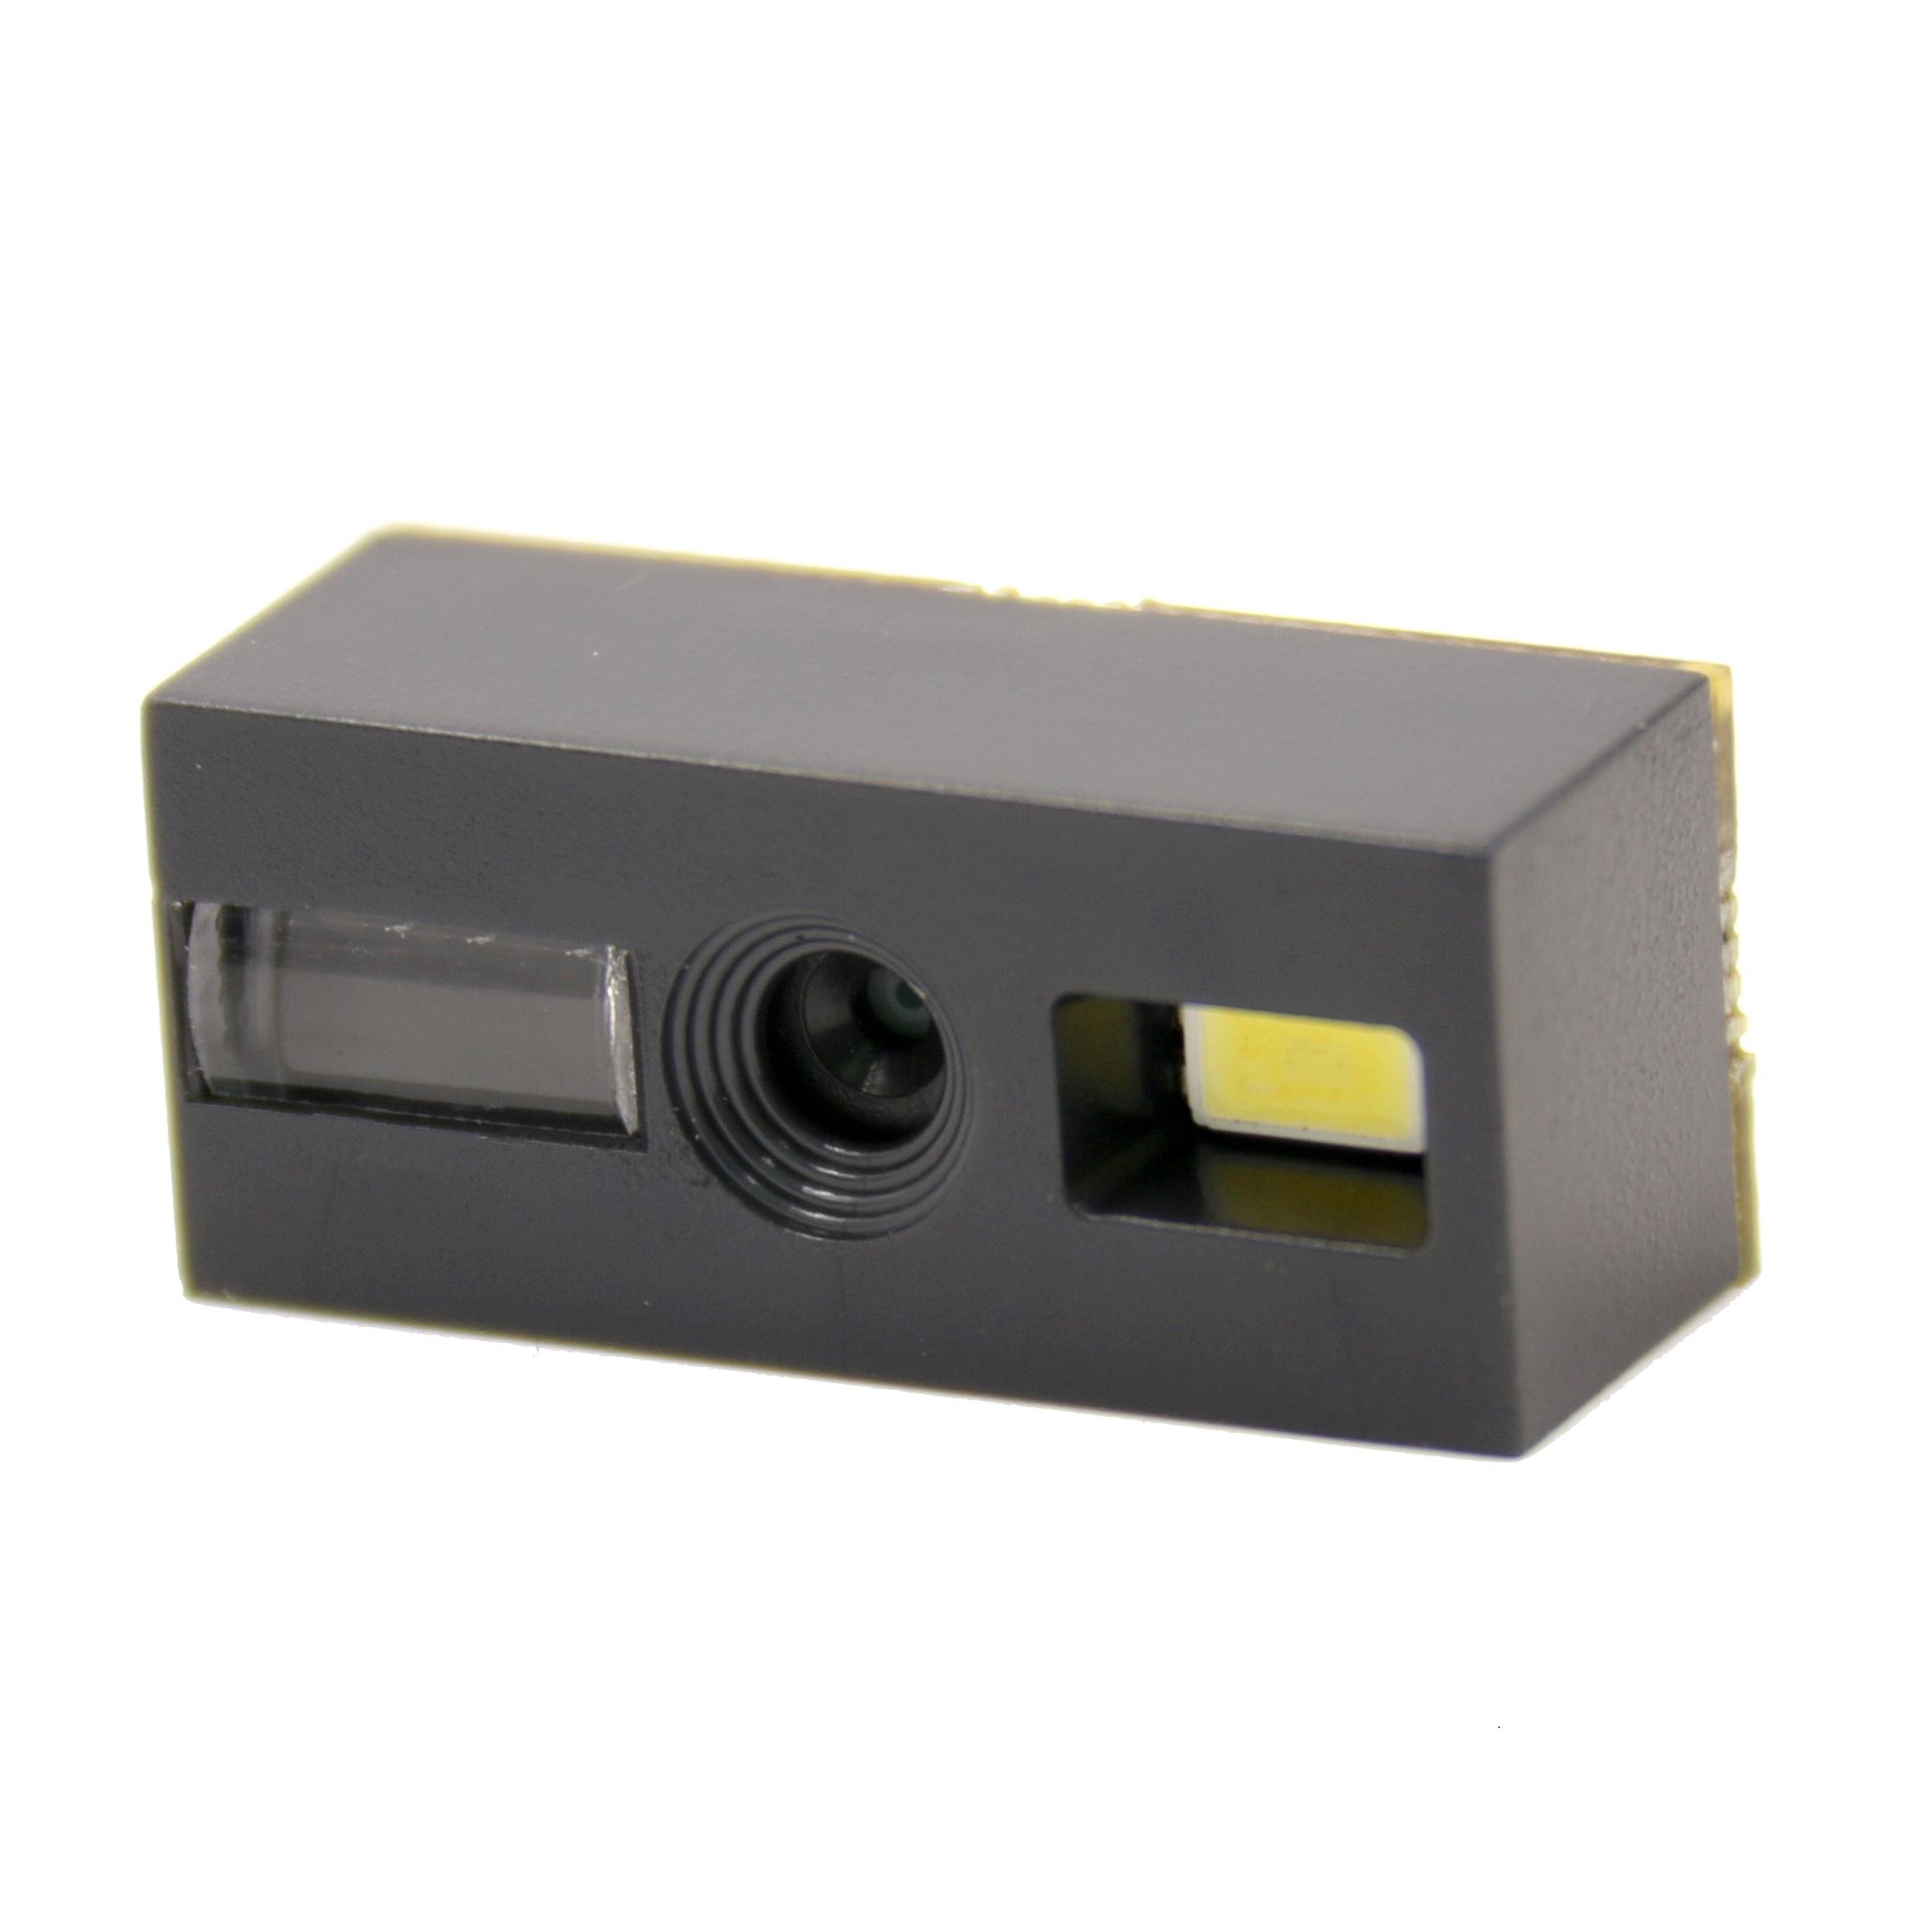 VM2201 二维条码扫描引擎